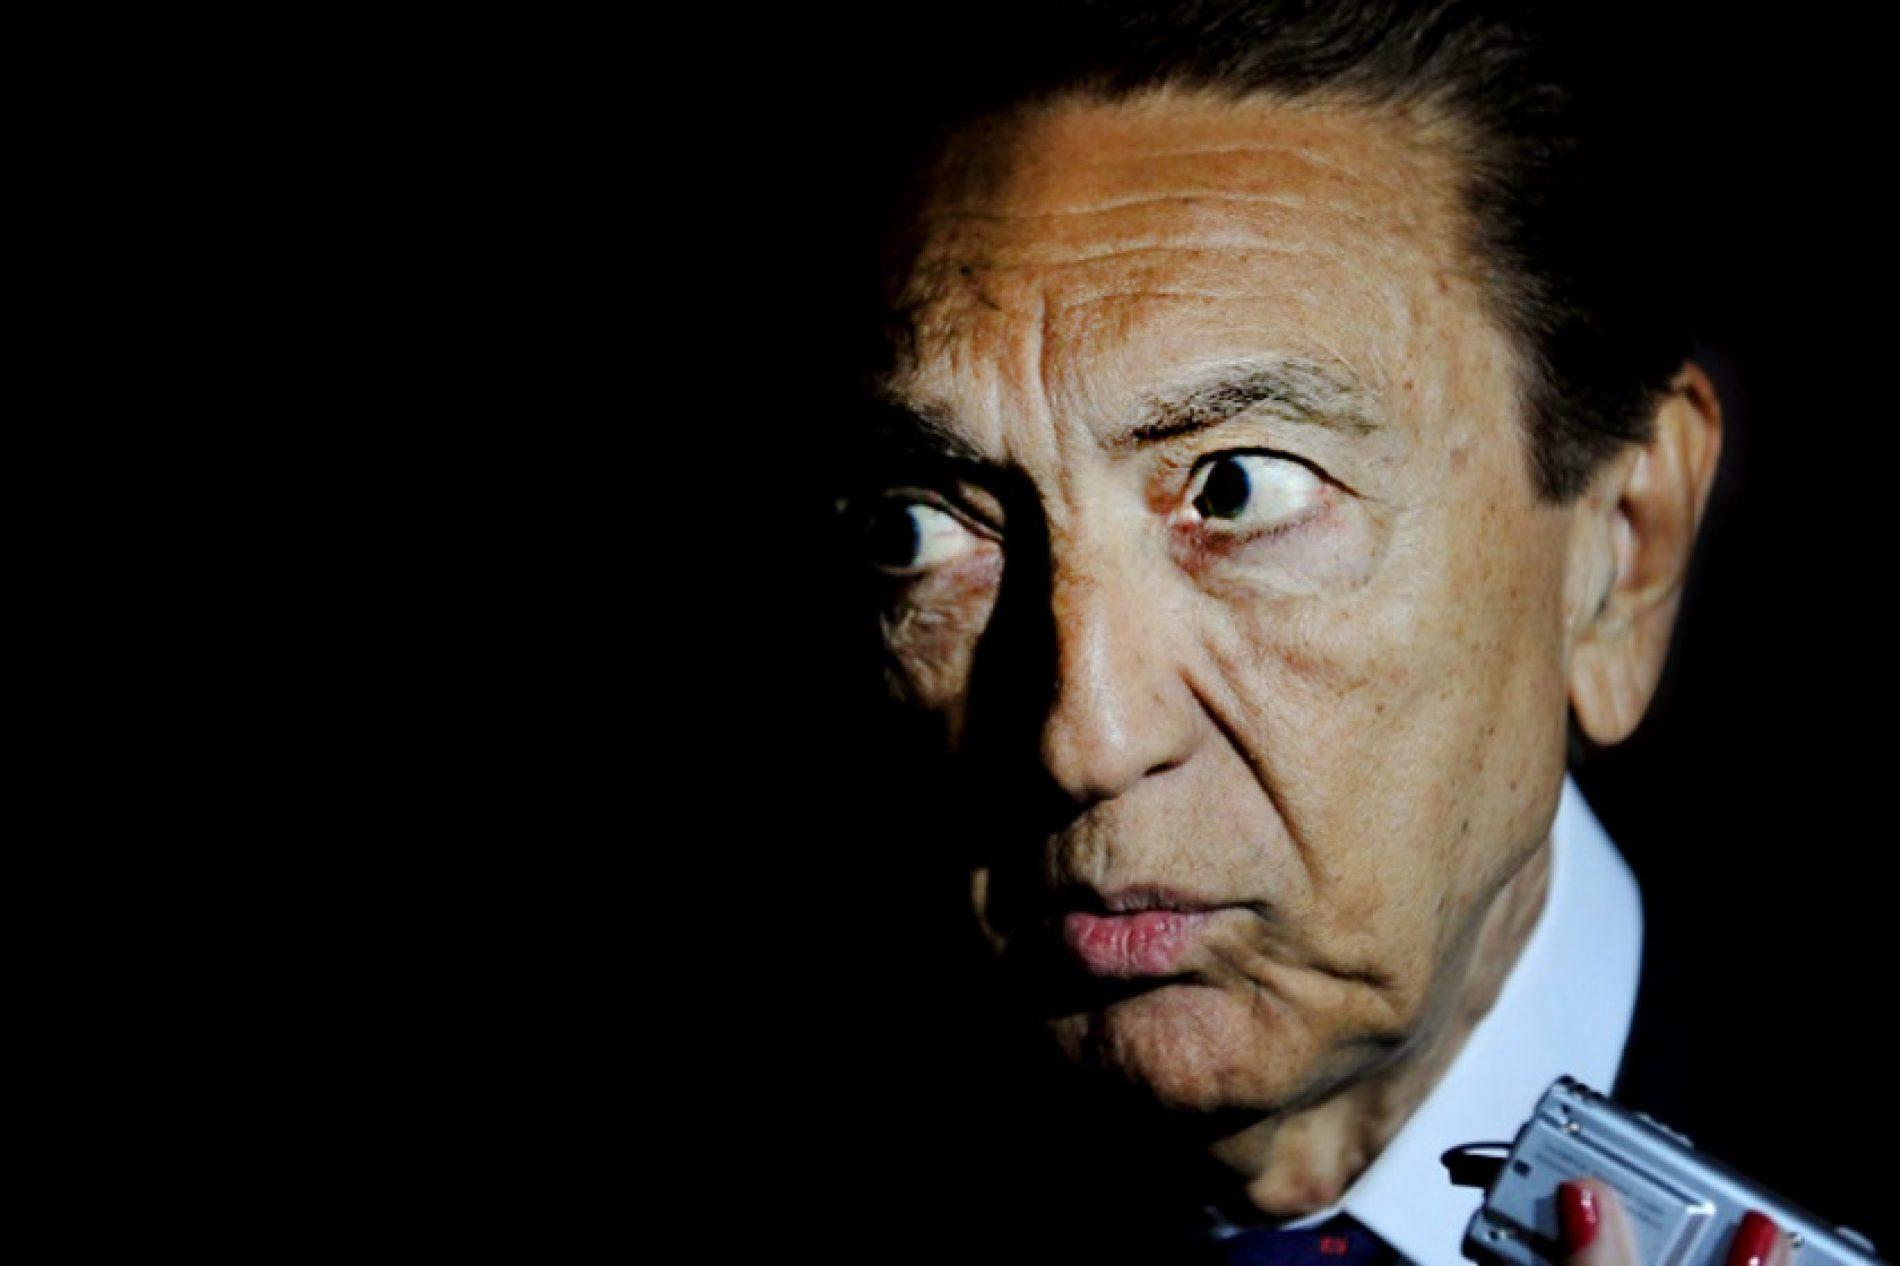 Investigação contra senador Edison Lobão é prorrogada por mais 60 dias